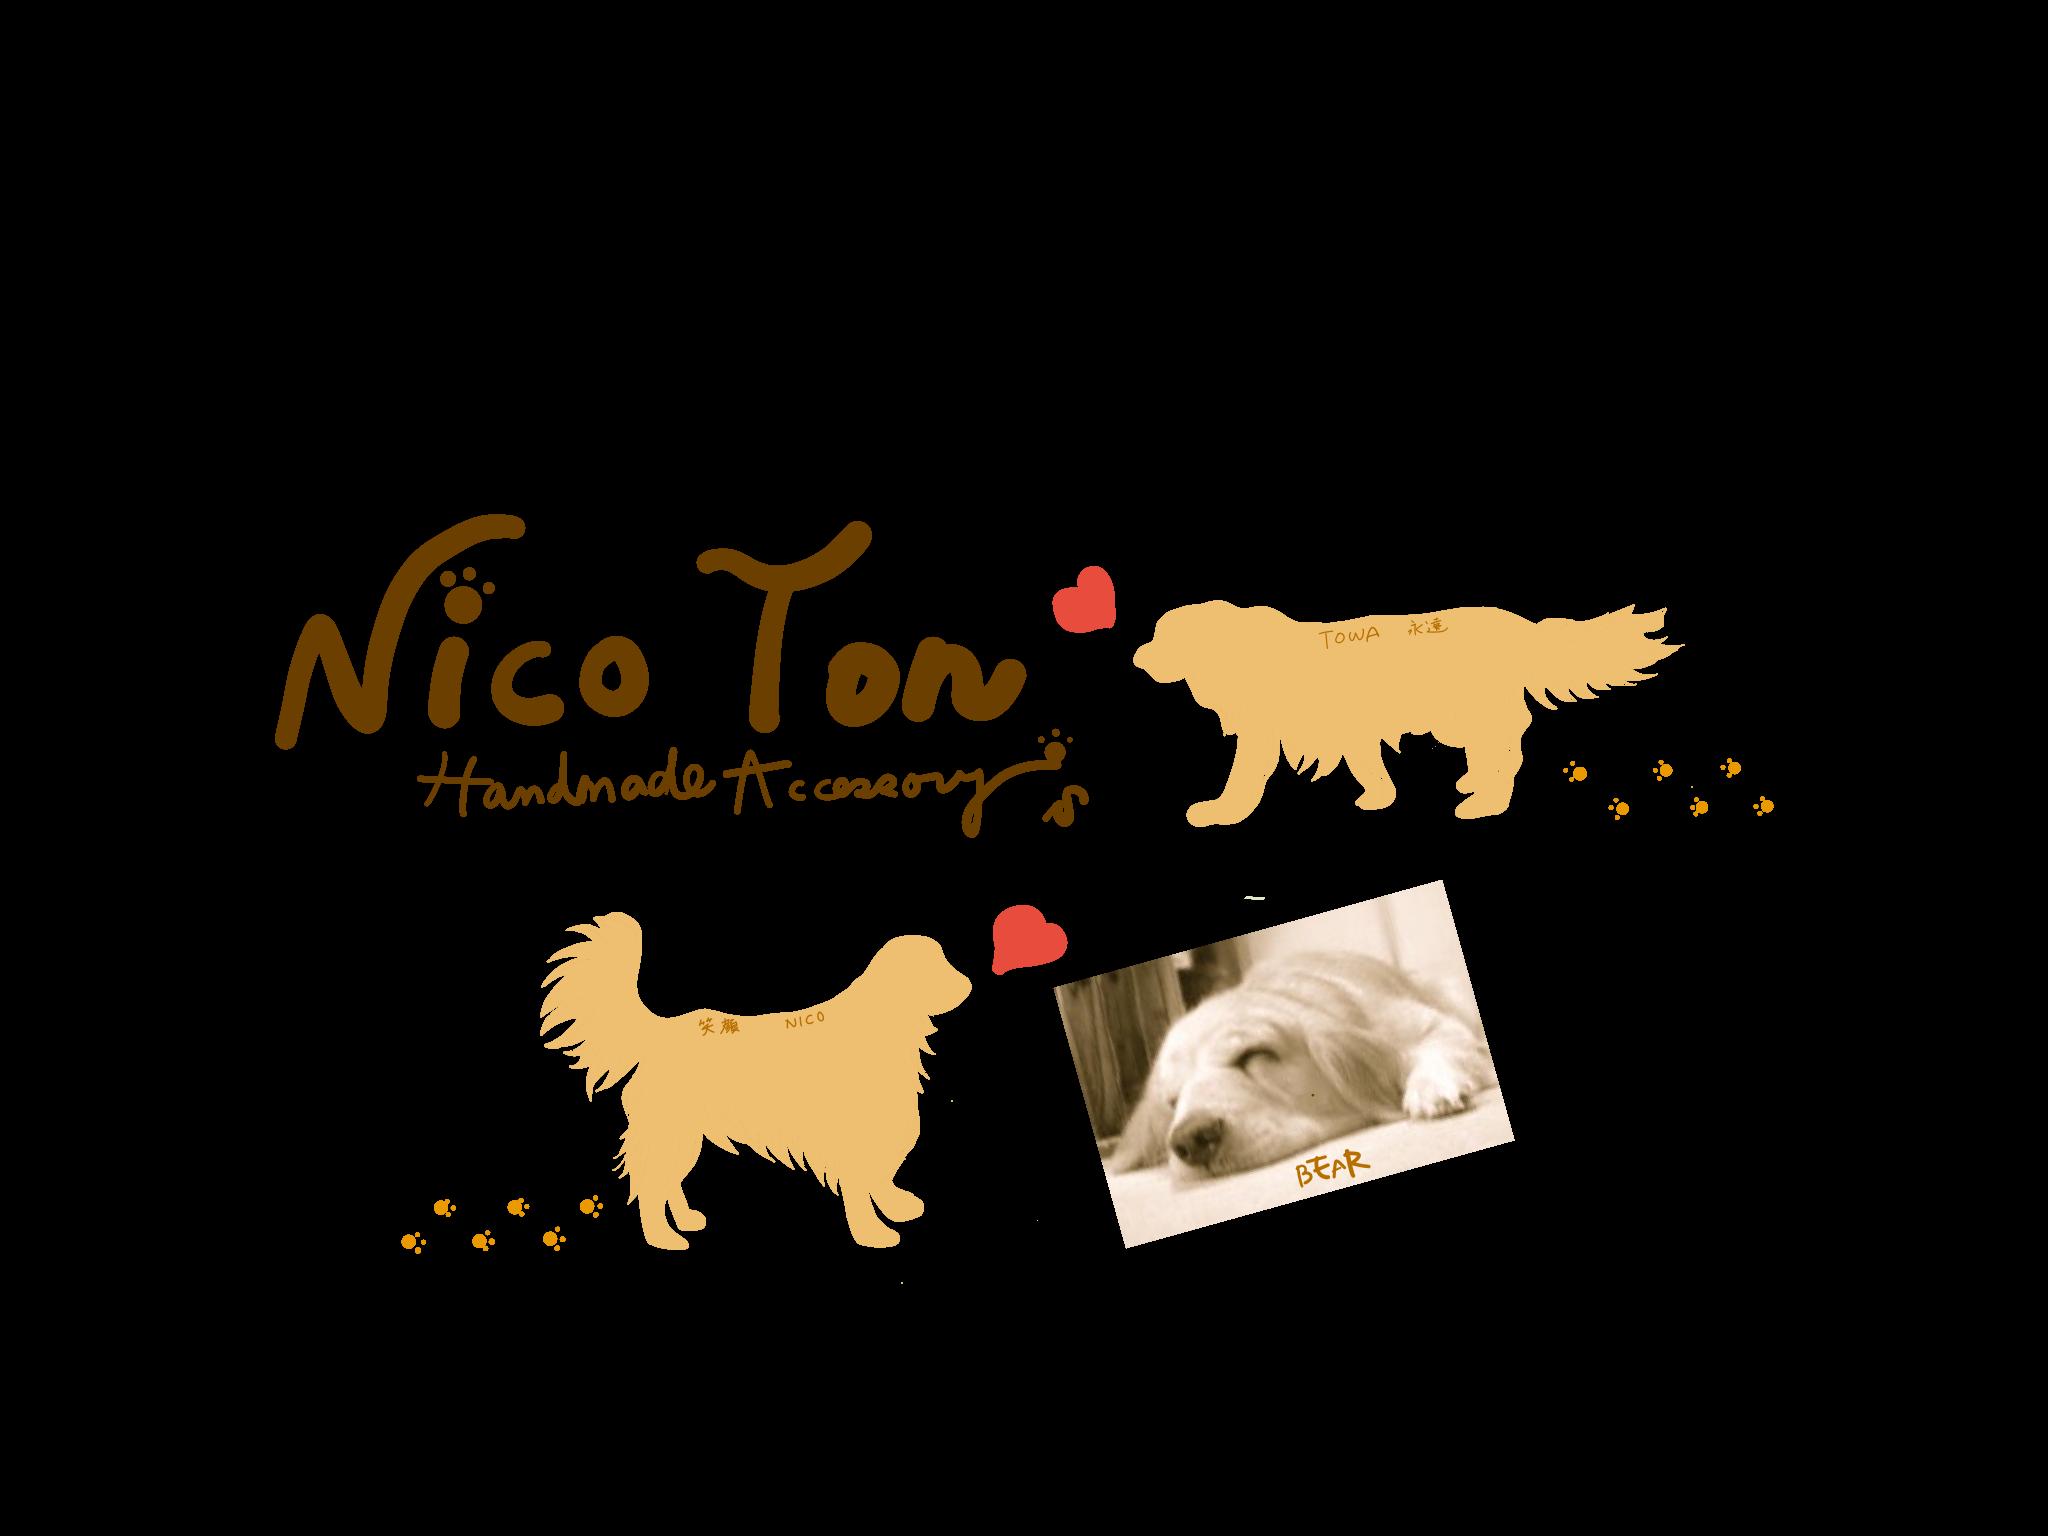 nico*ton